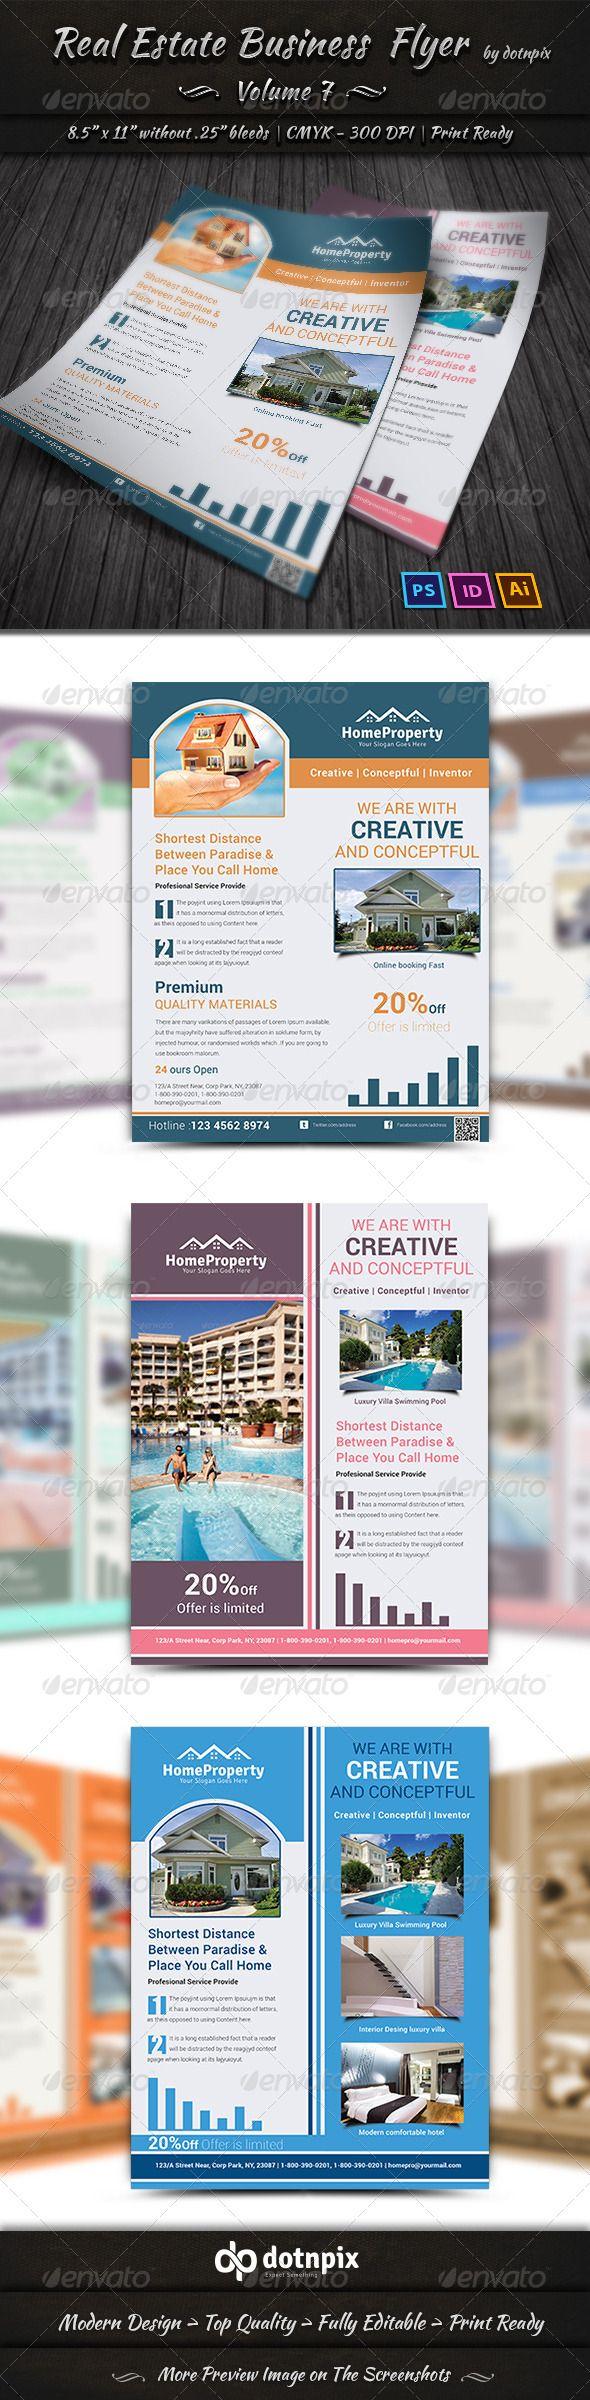 Real Estate Business  Flyer | Volume 7